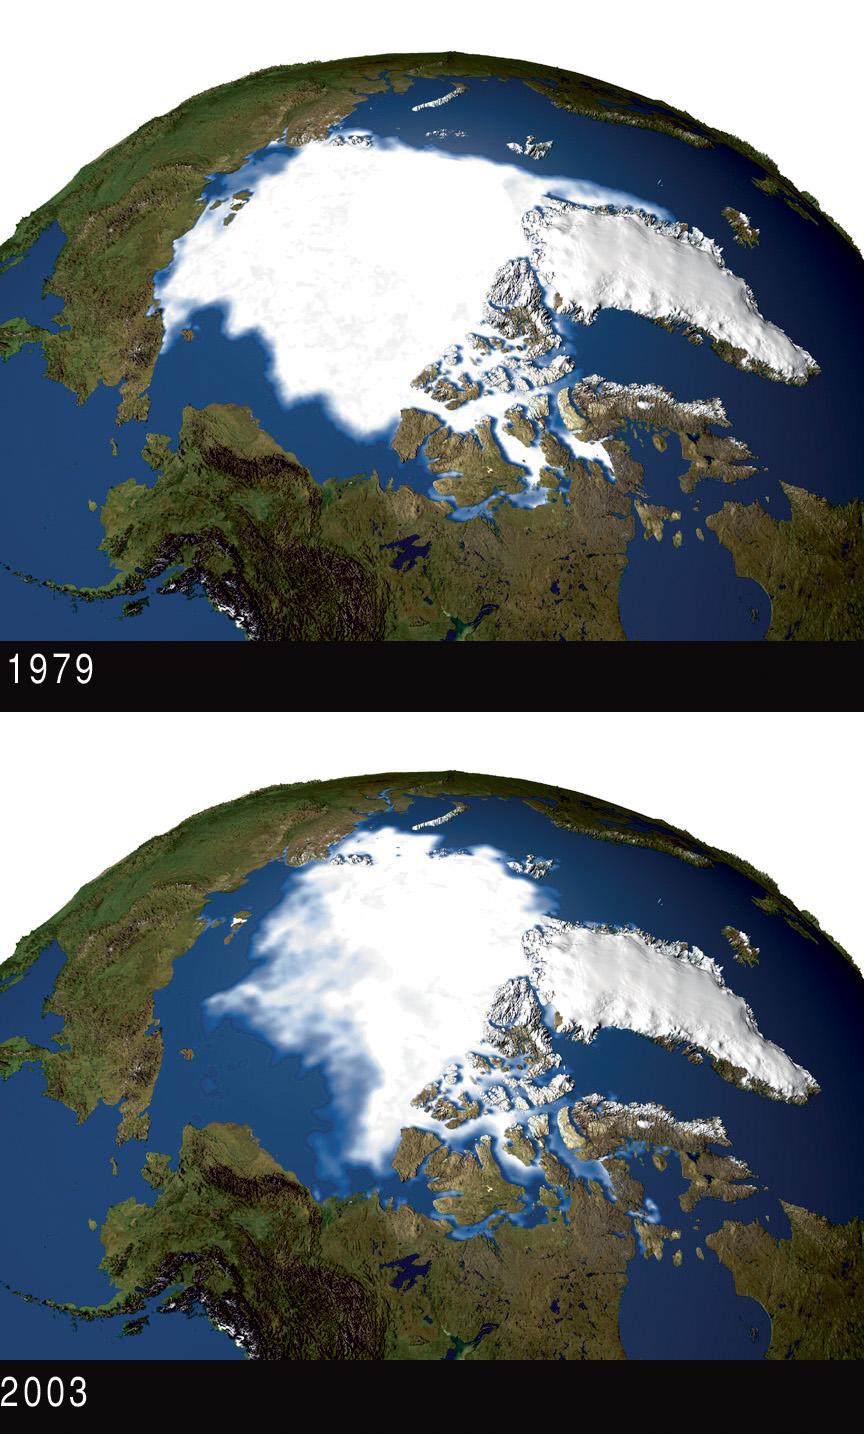 Changement climatique ? - Page 3 Arctique%20all_H%20